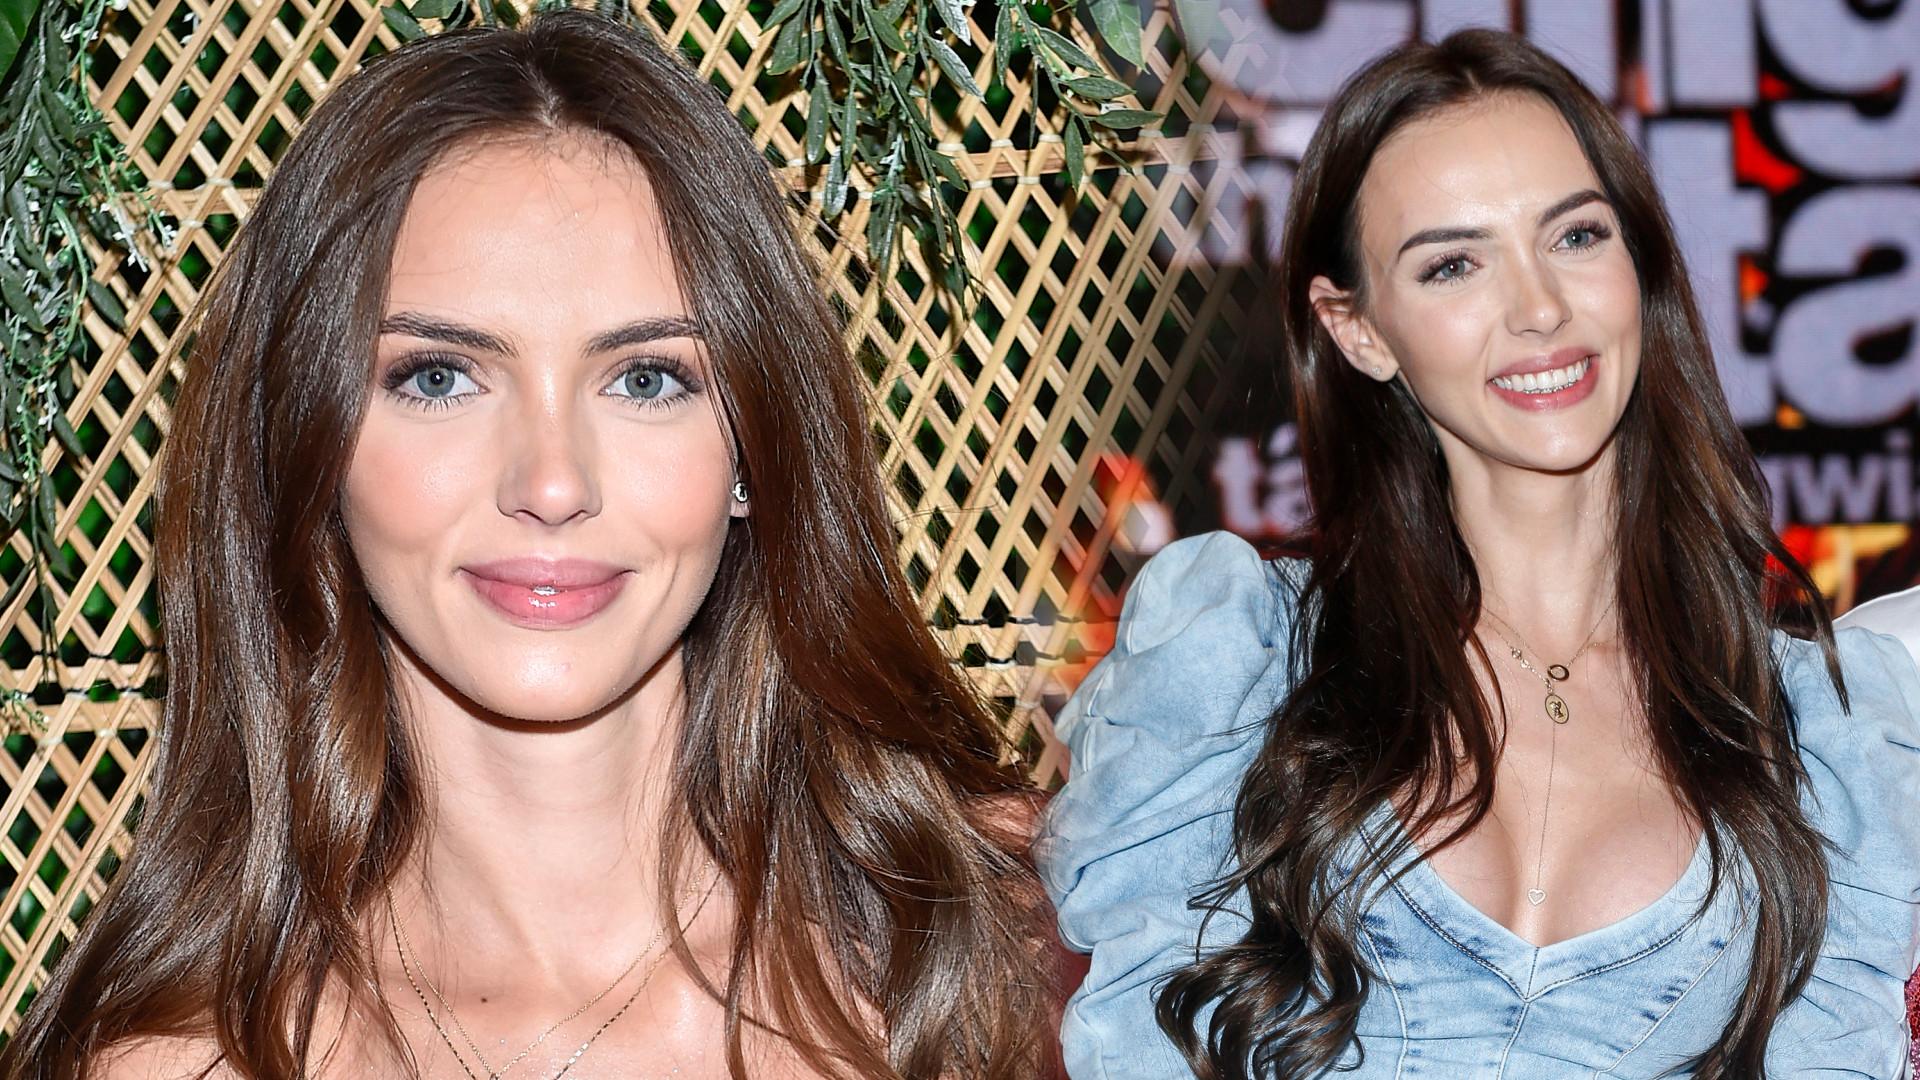 Fanka do Marceli Leszczak: Piękna jesteś, ale kiedy zrobisz brwi, PLEASE